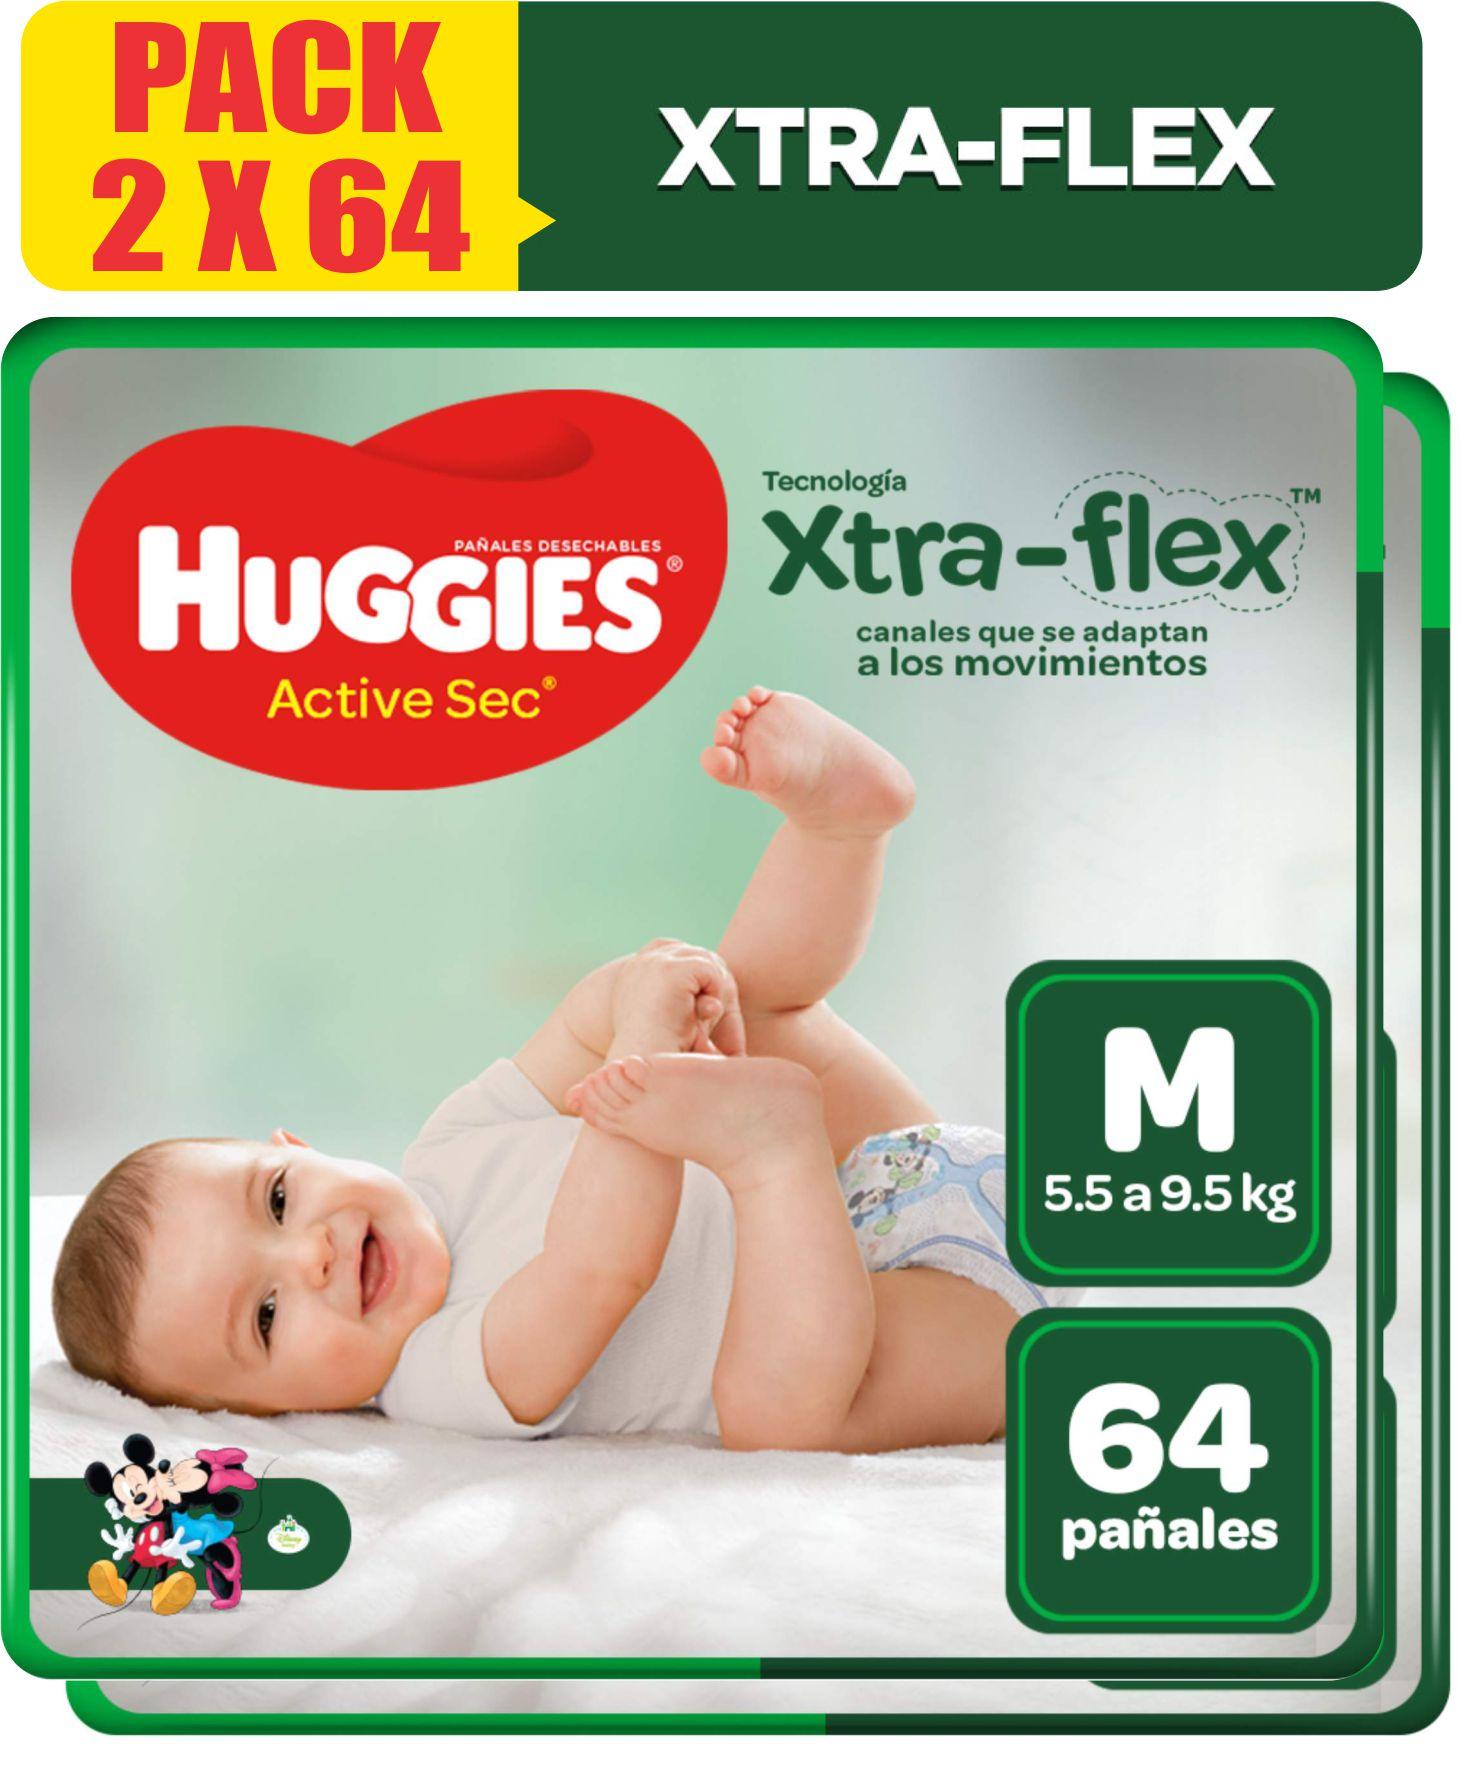 Pañales Huggies Active Sec Xtra Flex Talla M - Pack 2 Bolsas de 64 UN